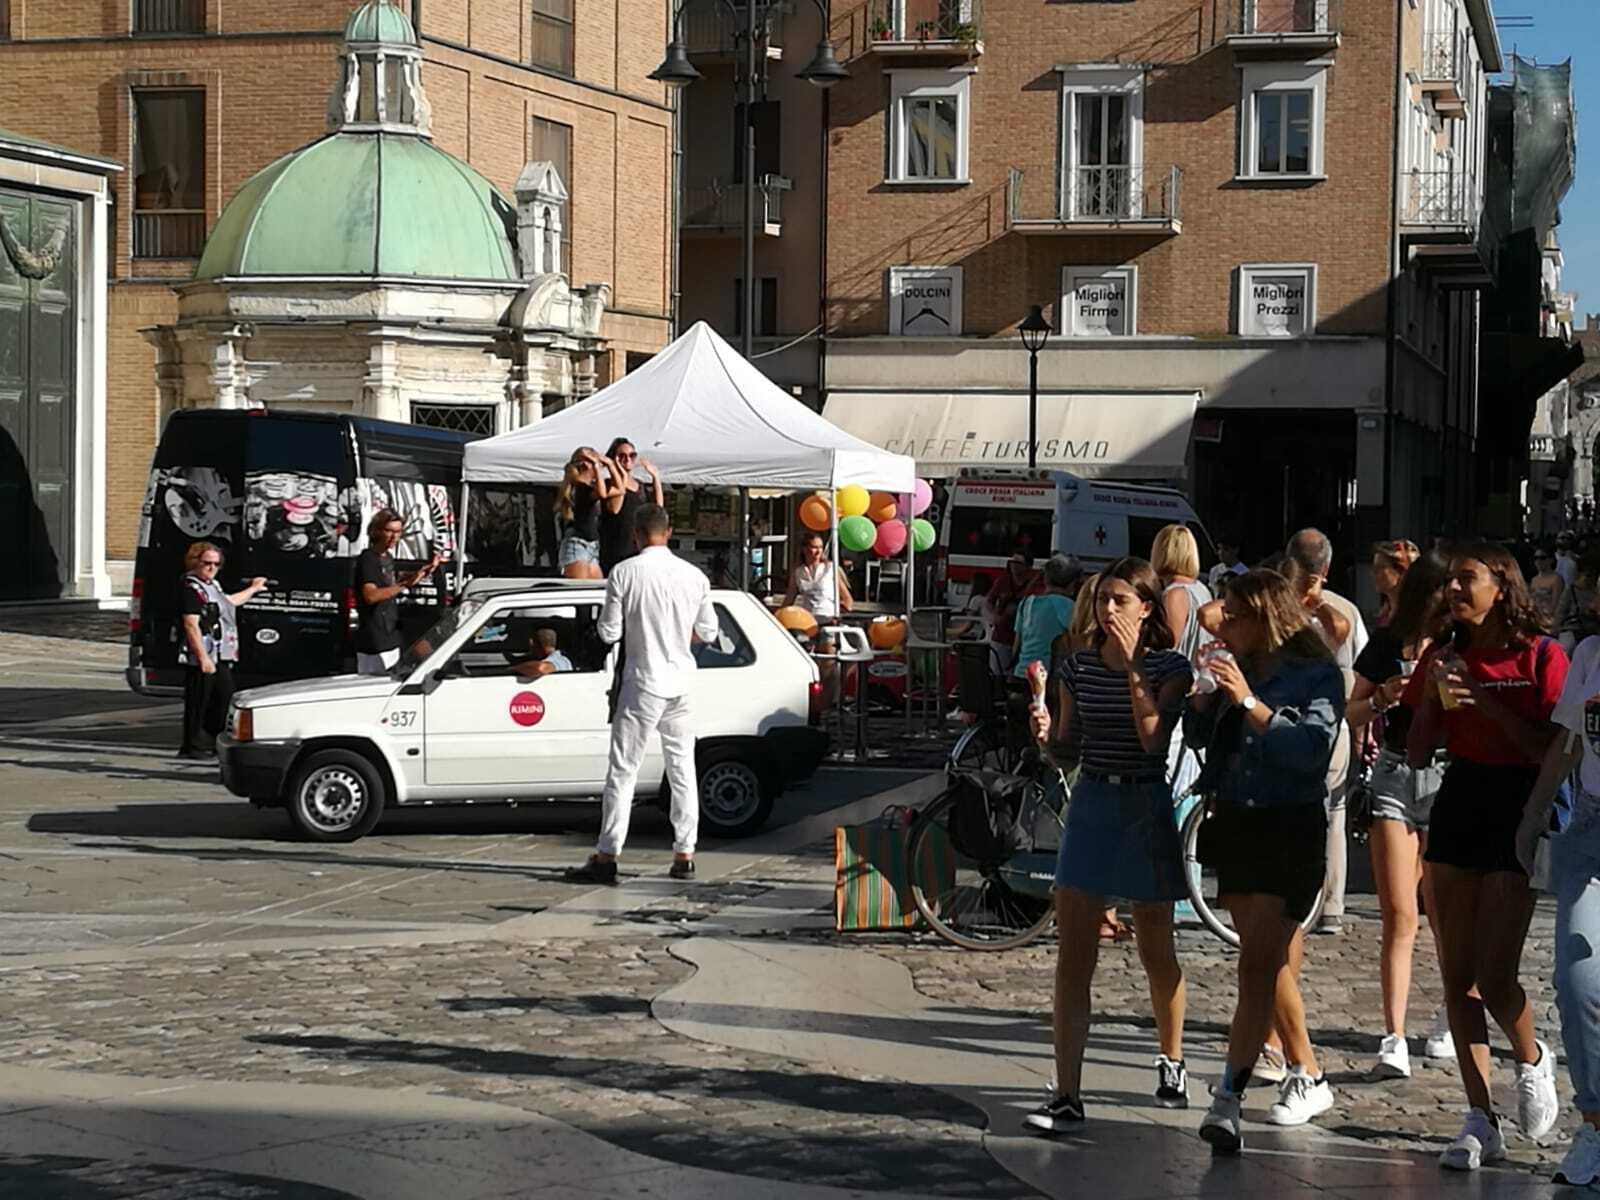 Caos in piazza Tre Martiri a Rimini, arriva la polizia municipale